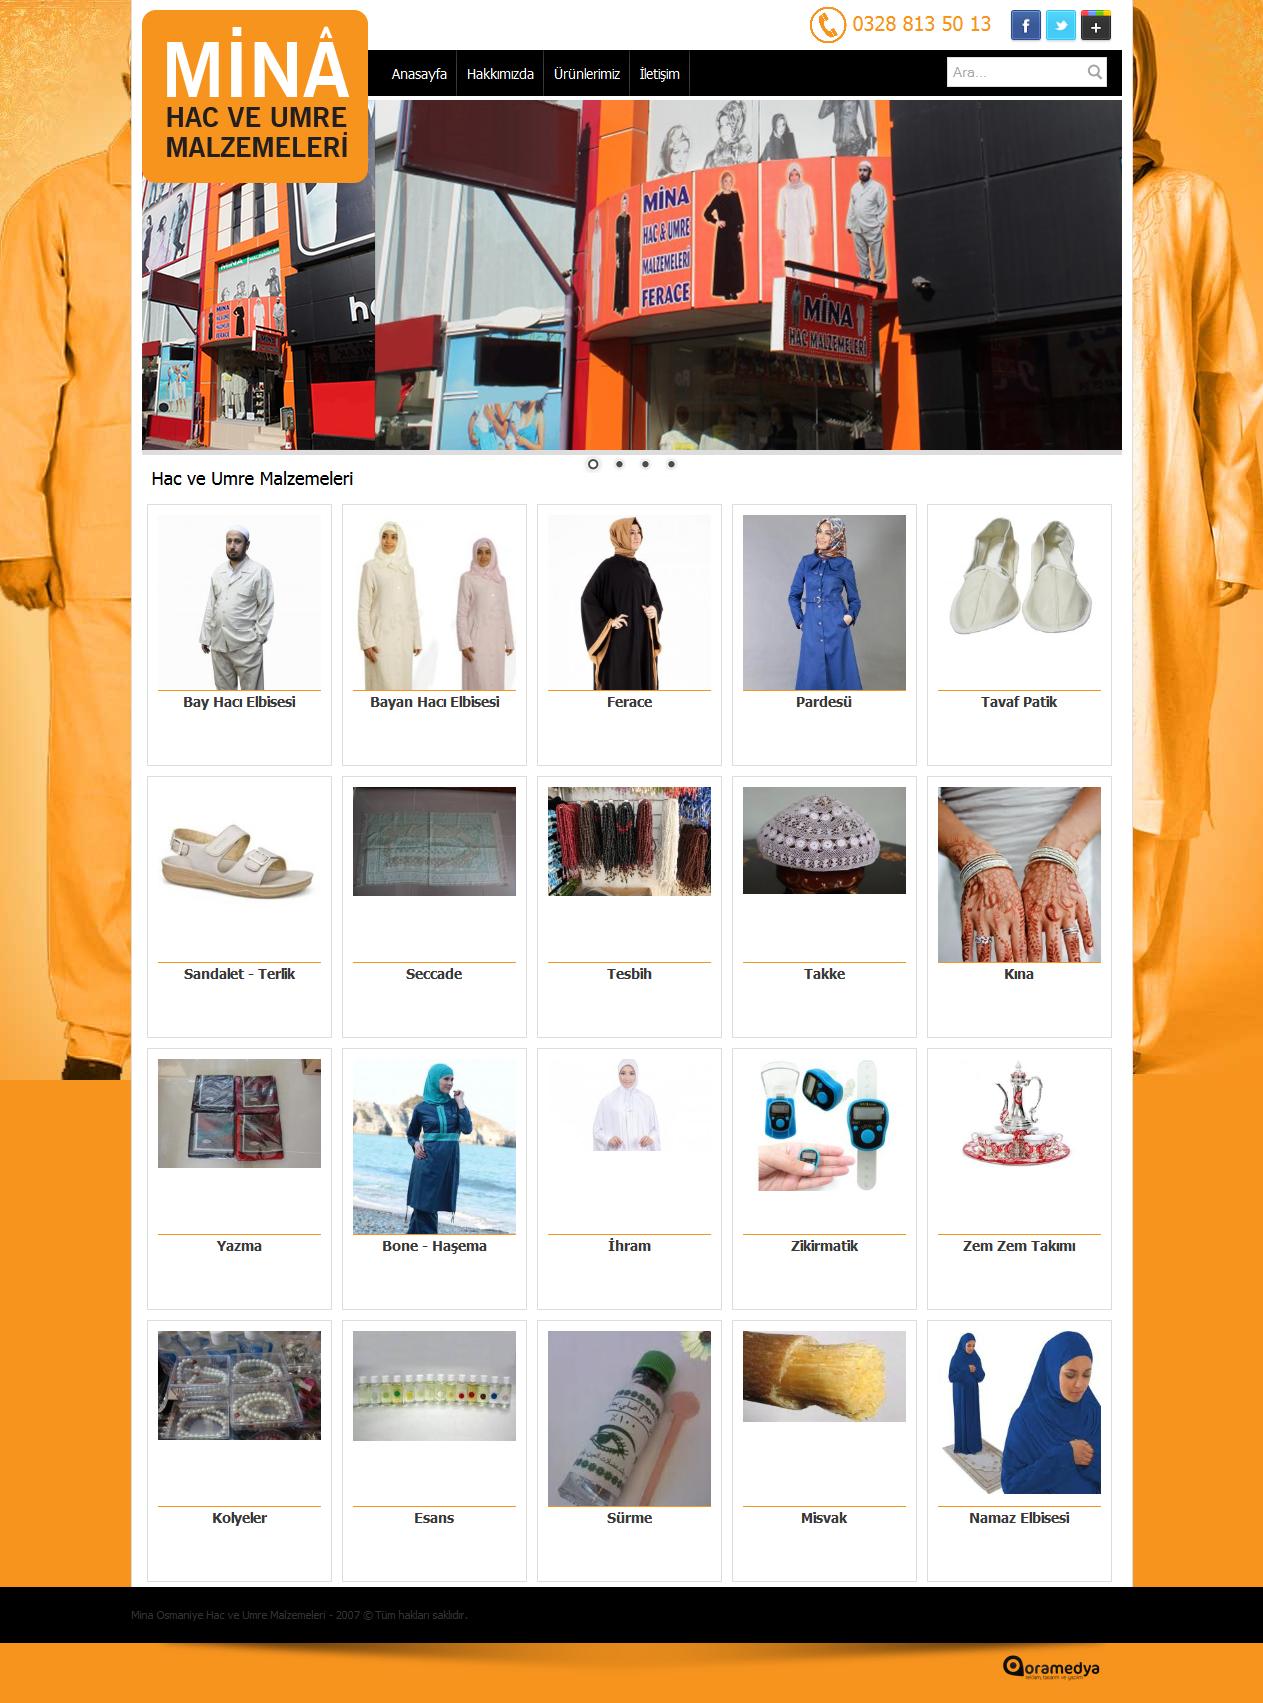 Mina Hac ve Umre Malzemeleri Osmaniye Web Tasarım